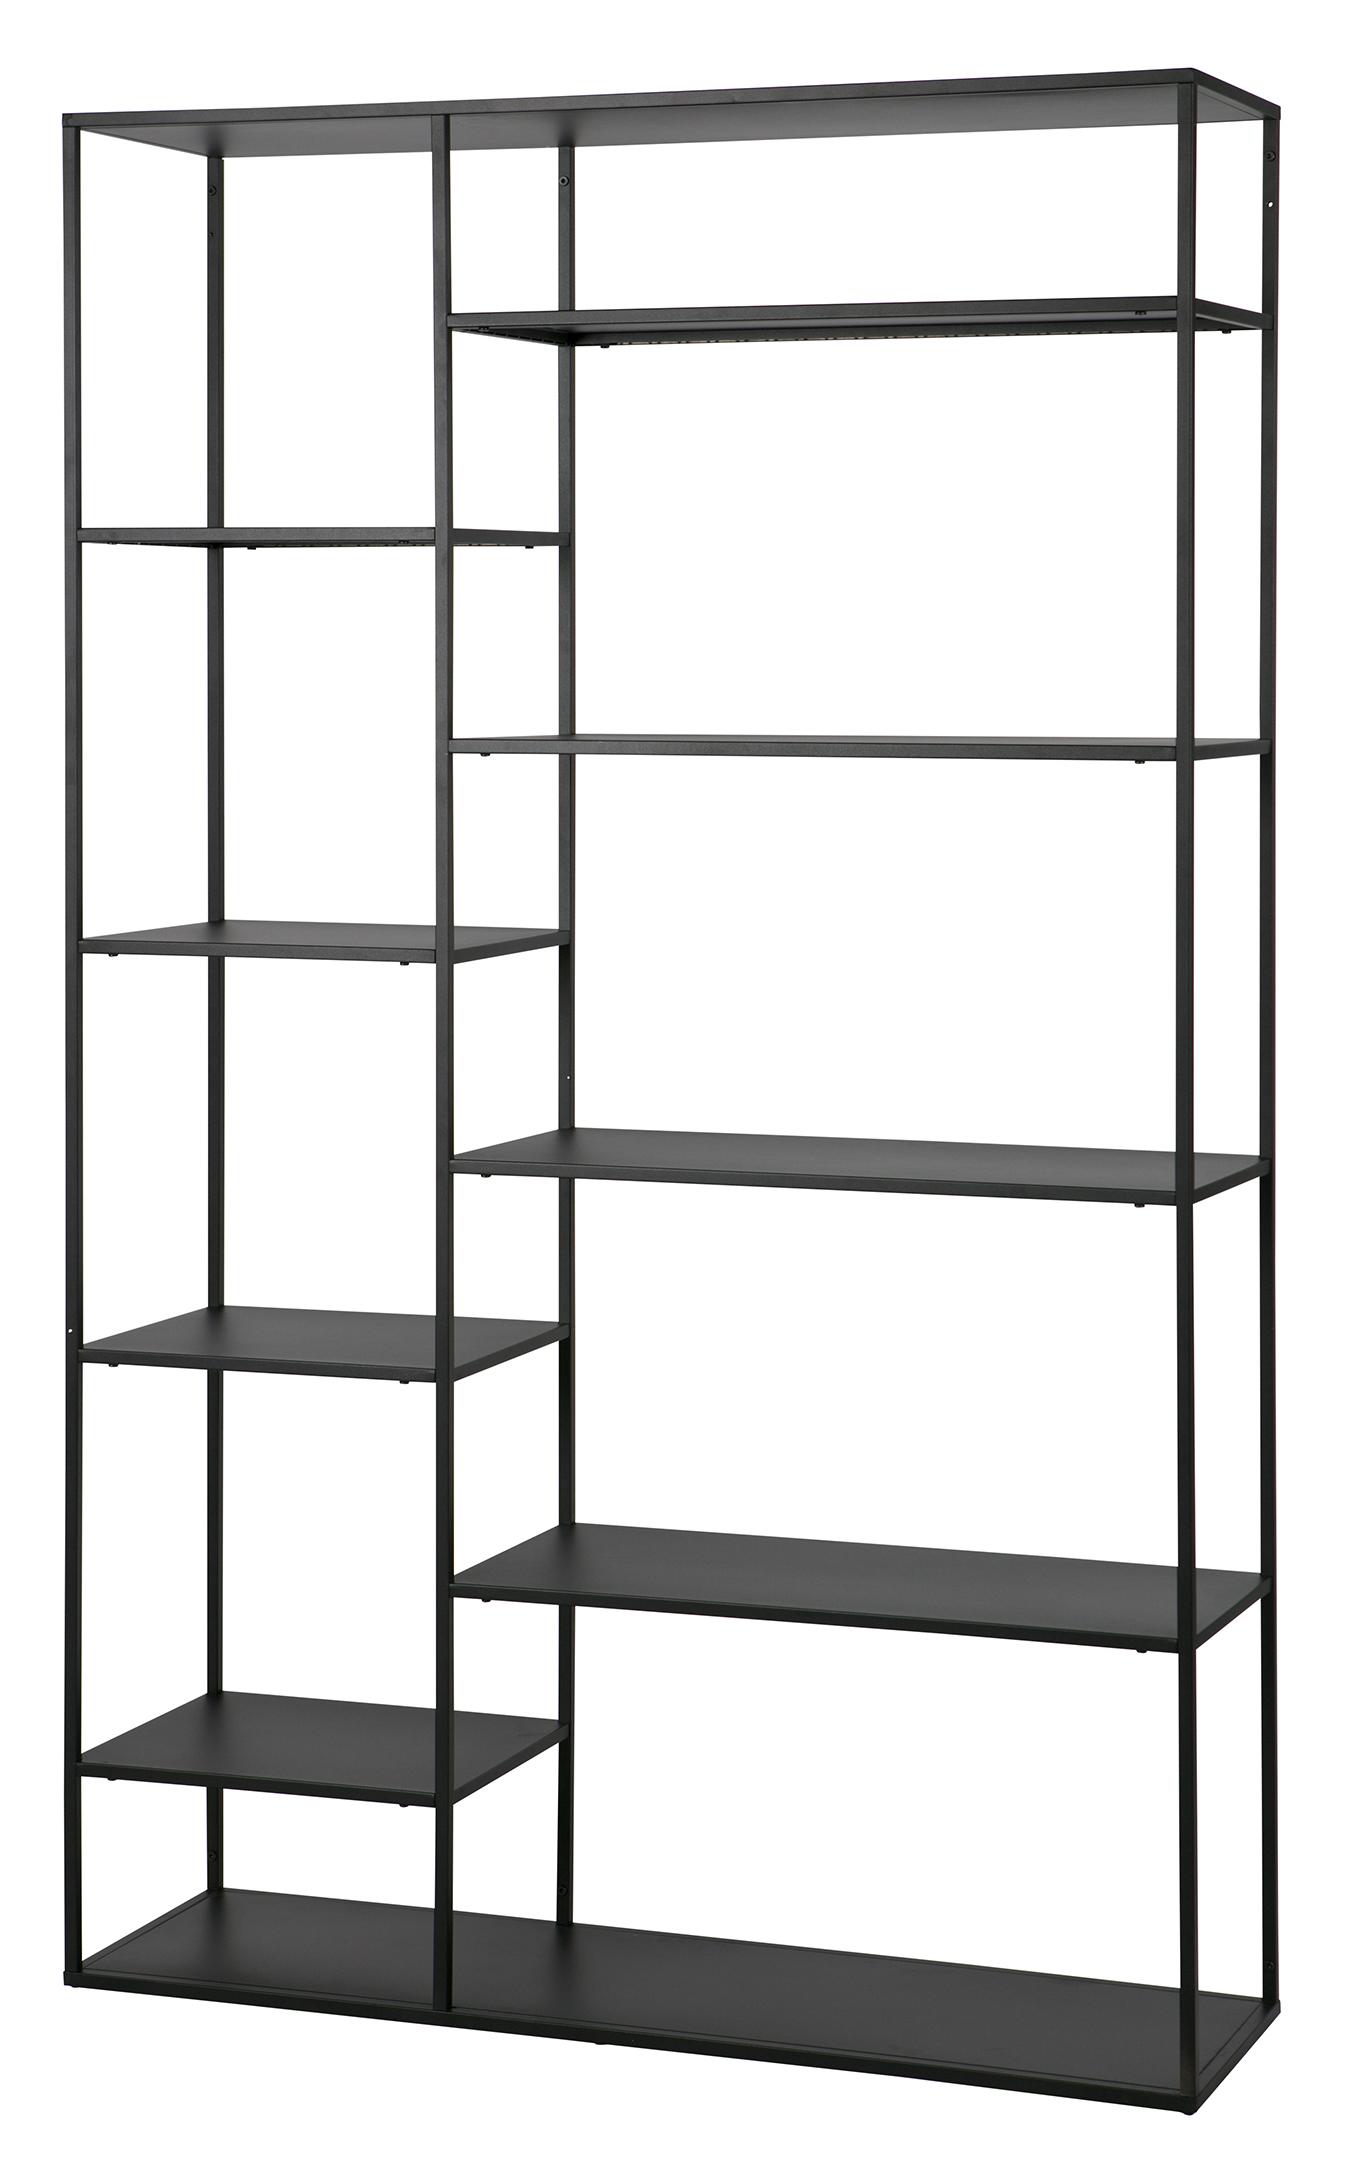 Woood Metalen Wandrek 'June' 120cm, kleur Zwart Kasten | Wandrekken & Wandkasten kopen